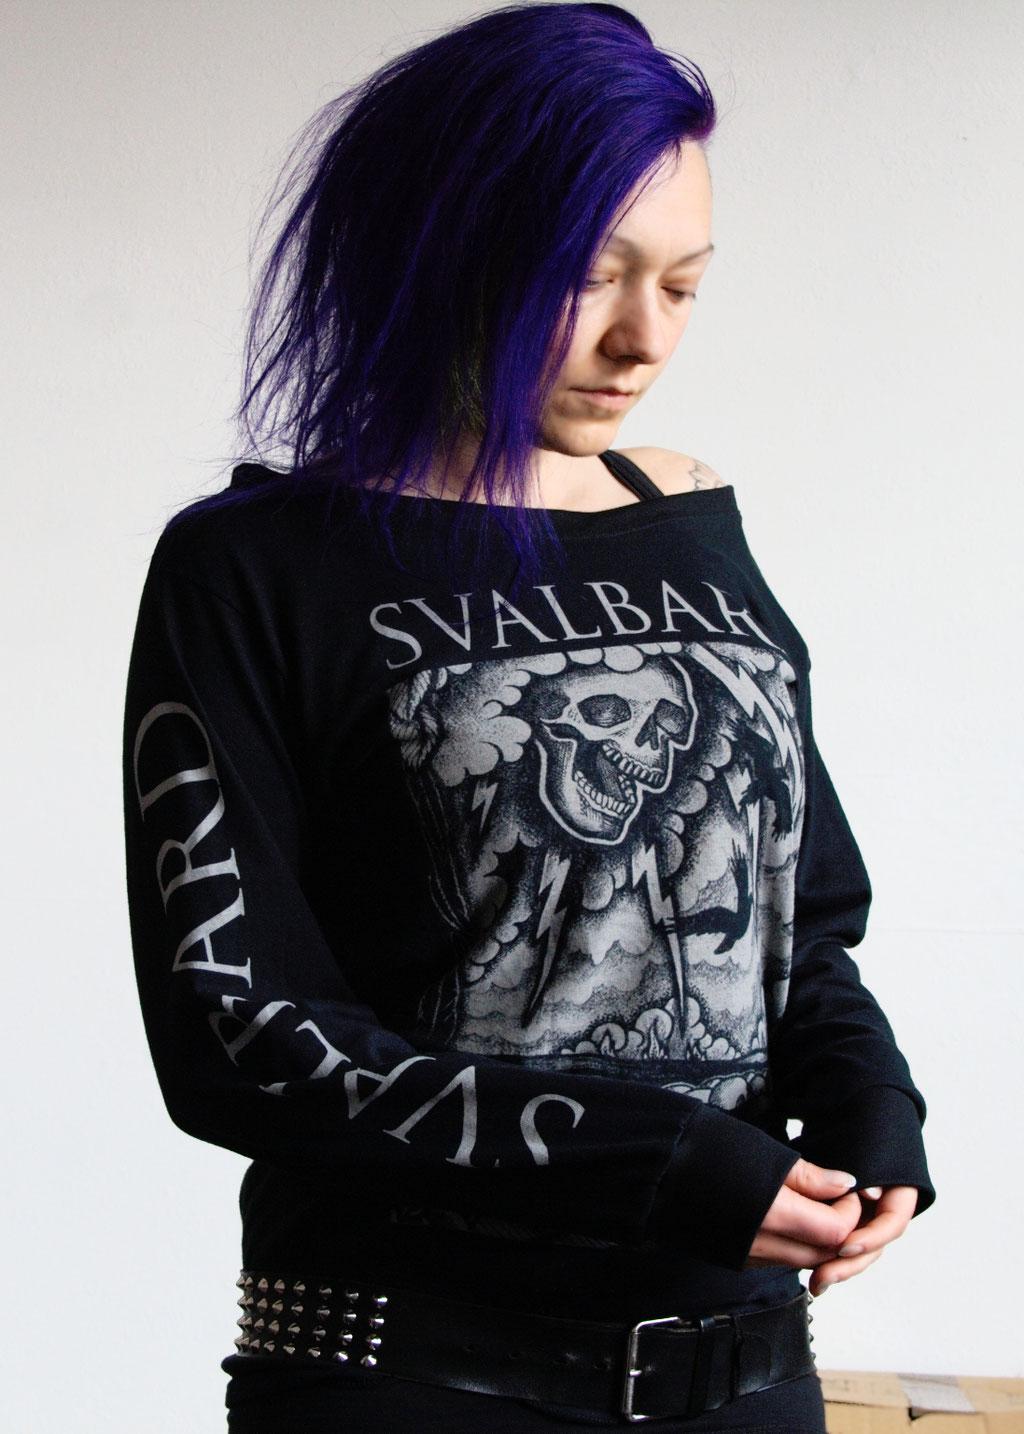 MPF Entdeckungen + Bandshirt-Upgrade - Svalbard Longsleeve mit Ärmeldruck - Zebraspider DIY Anti-Fashion Blog